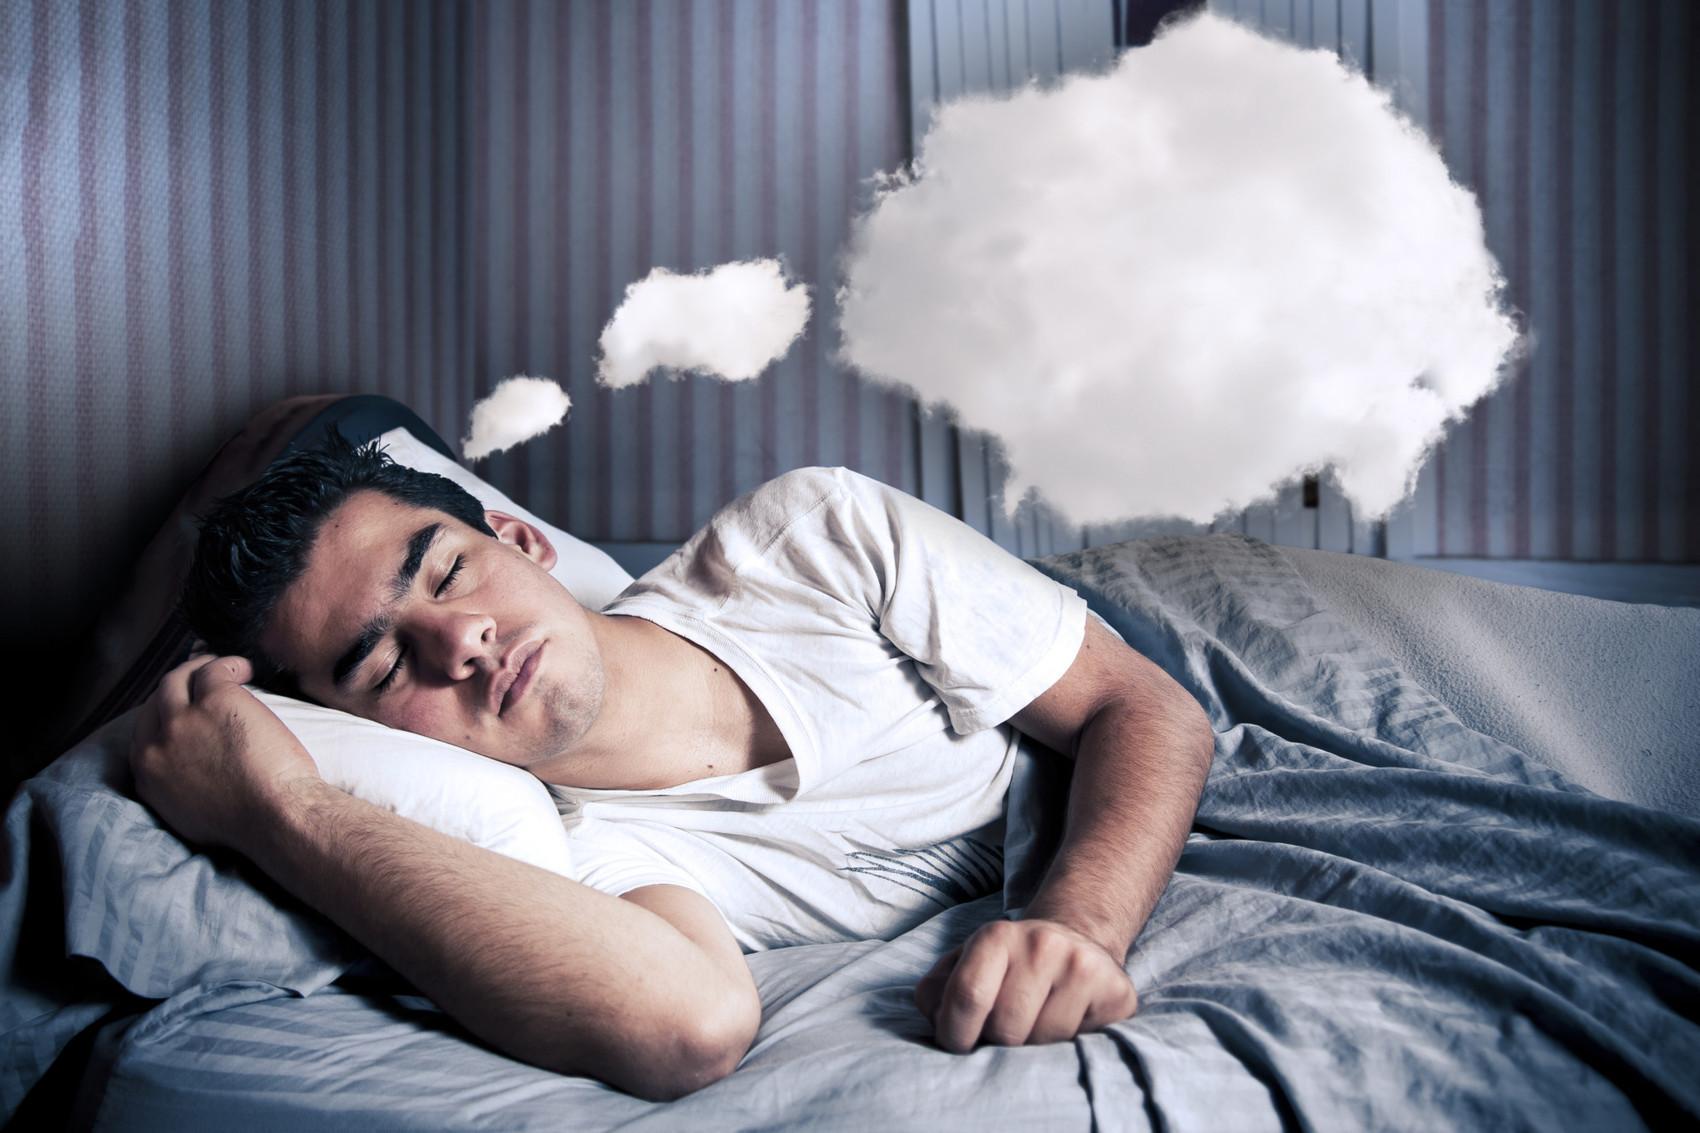 Спящий мужик фото 9 фотография